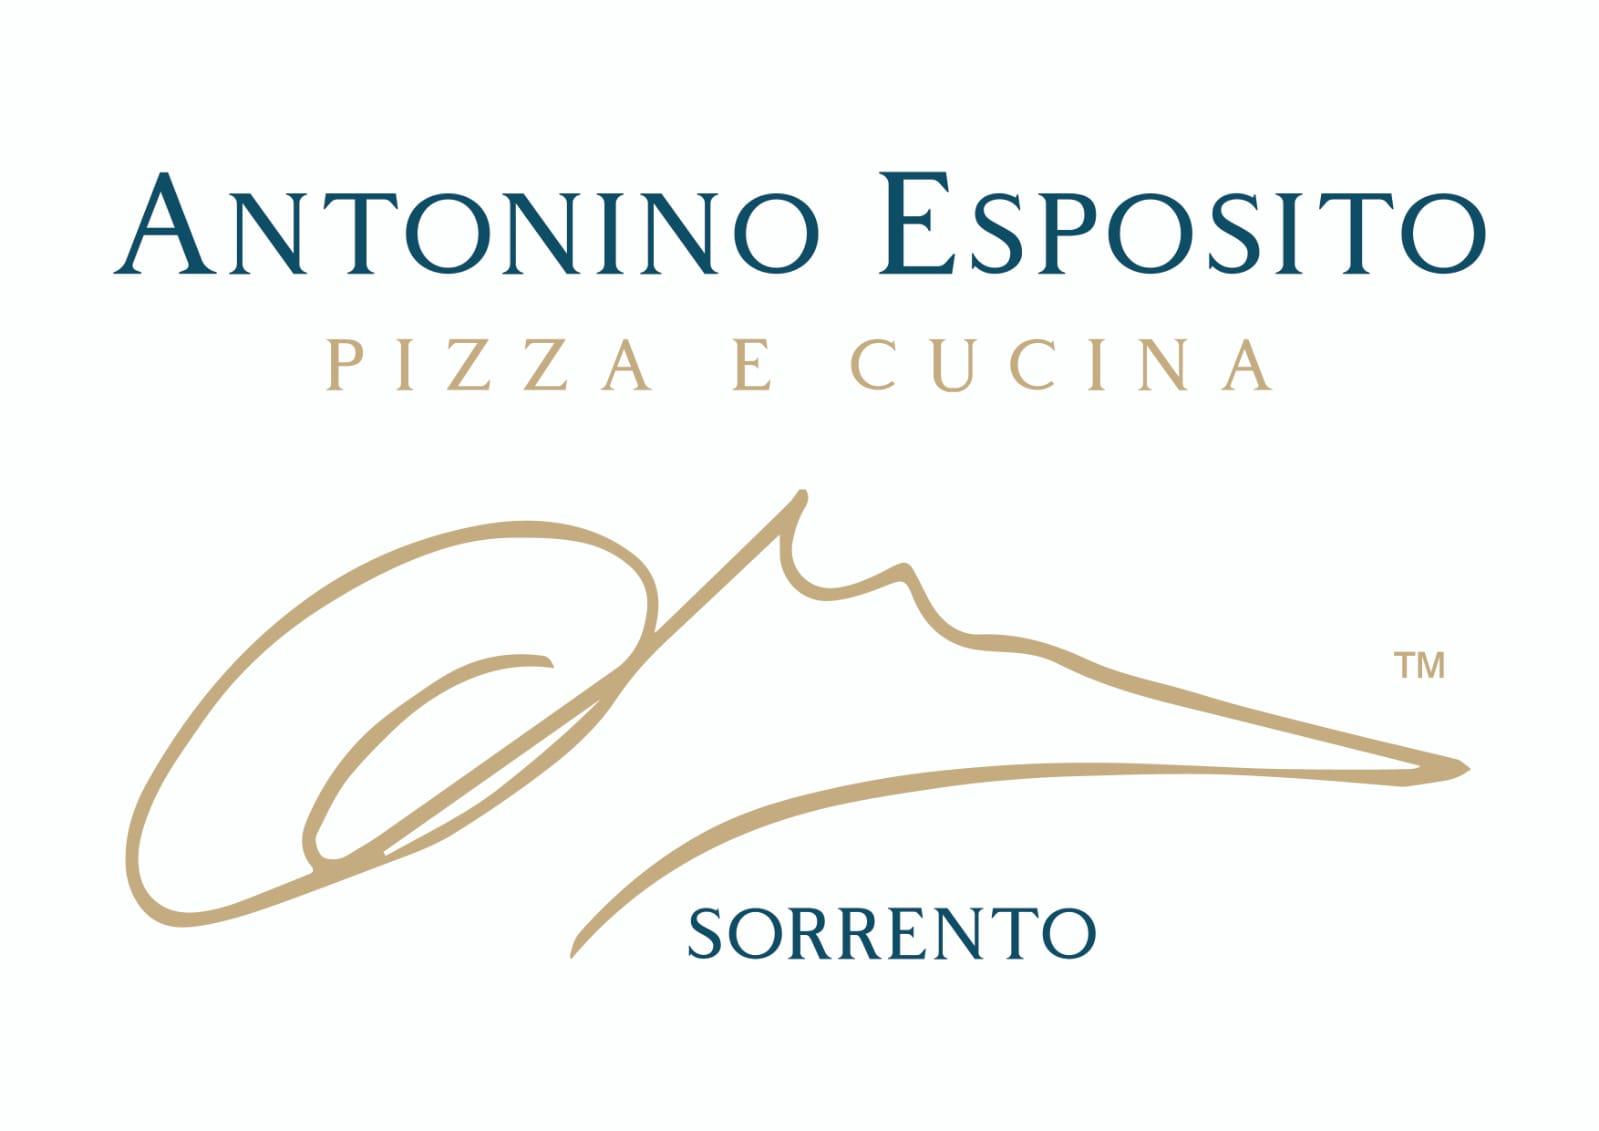 Antonino Esposito Pizza e Cucina